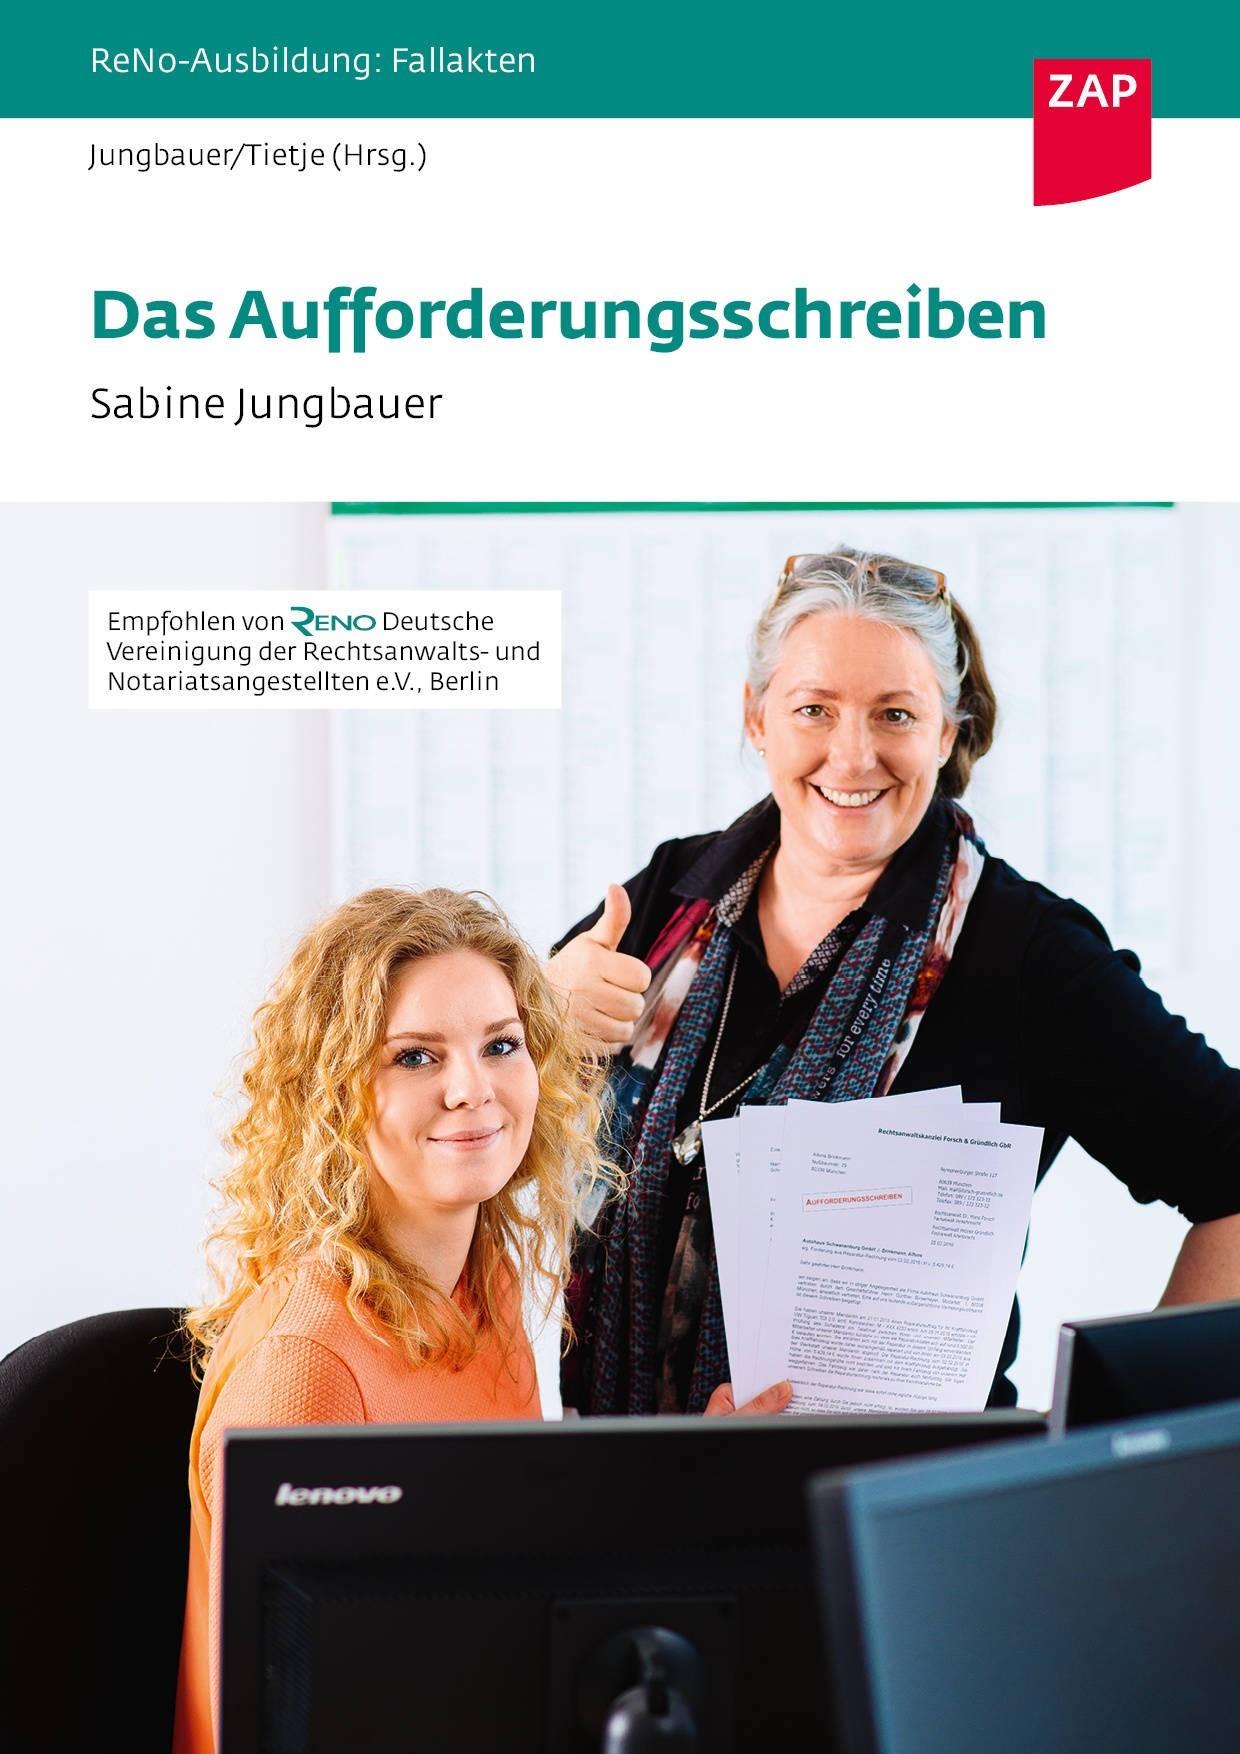 Das Aufforderungsschreiben | Jungbauer / Tietje (Hrsg.), 2017 | Buch (Cover)